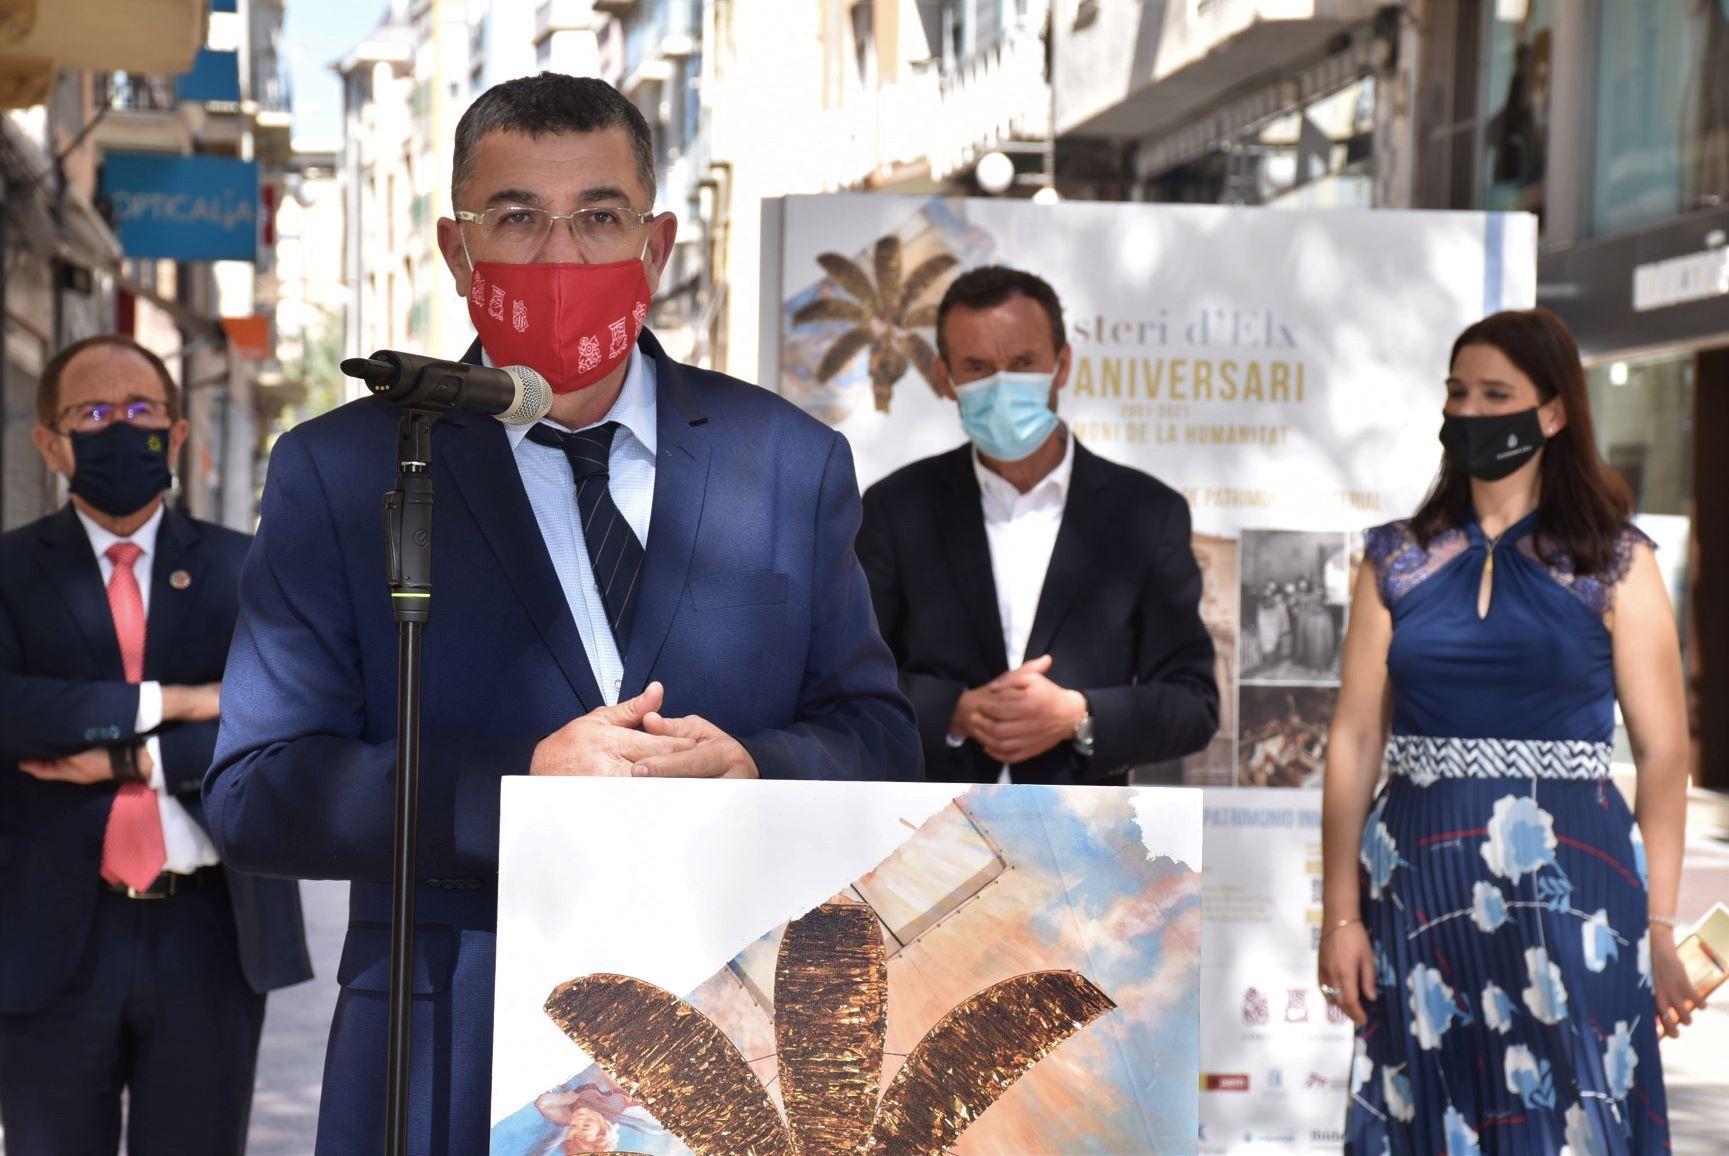 XX Aniversario de la Declaración del Misteri d'Elx como Patrimonio Oral e Inmaterial de la Humanidad por la Unesco